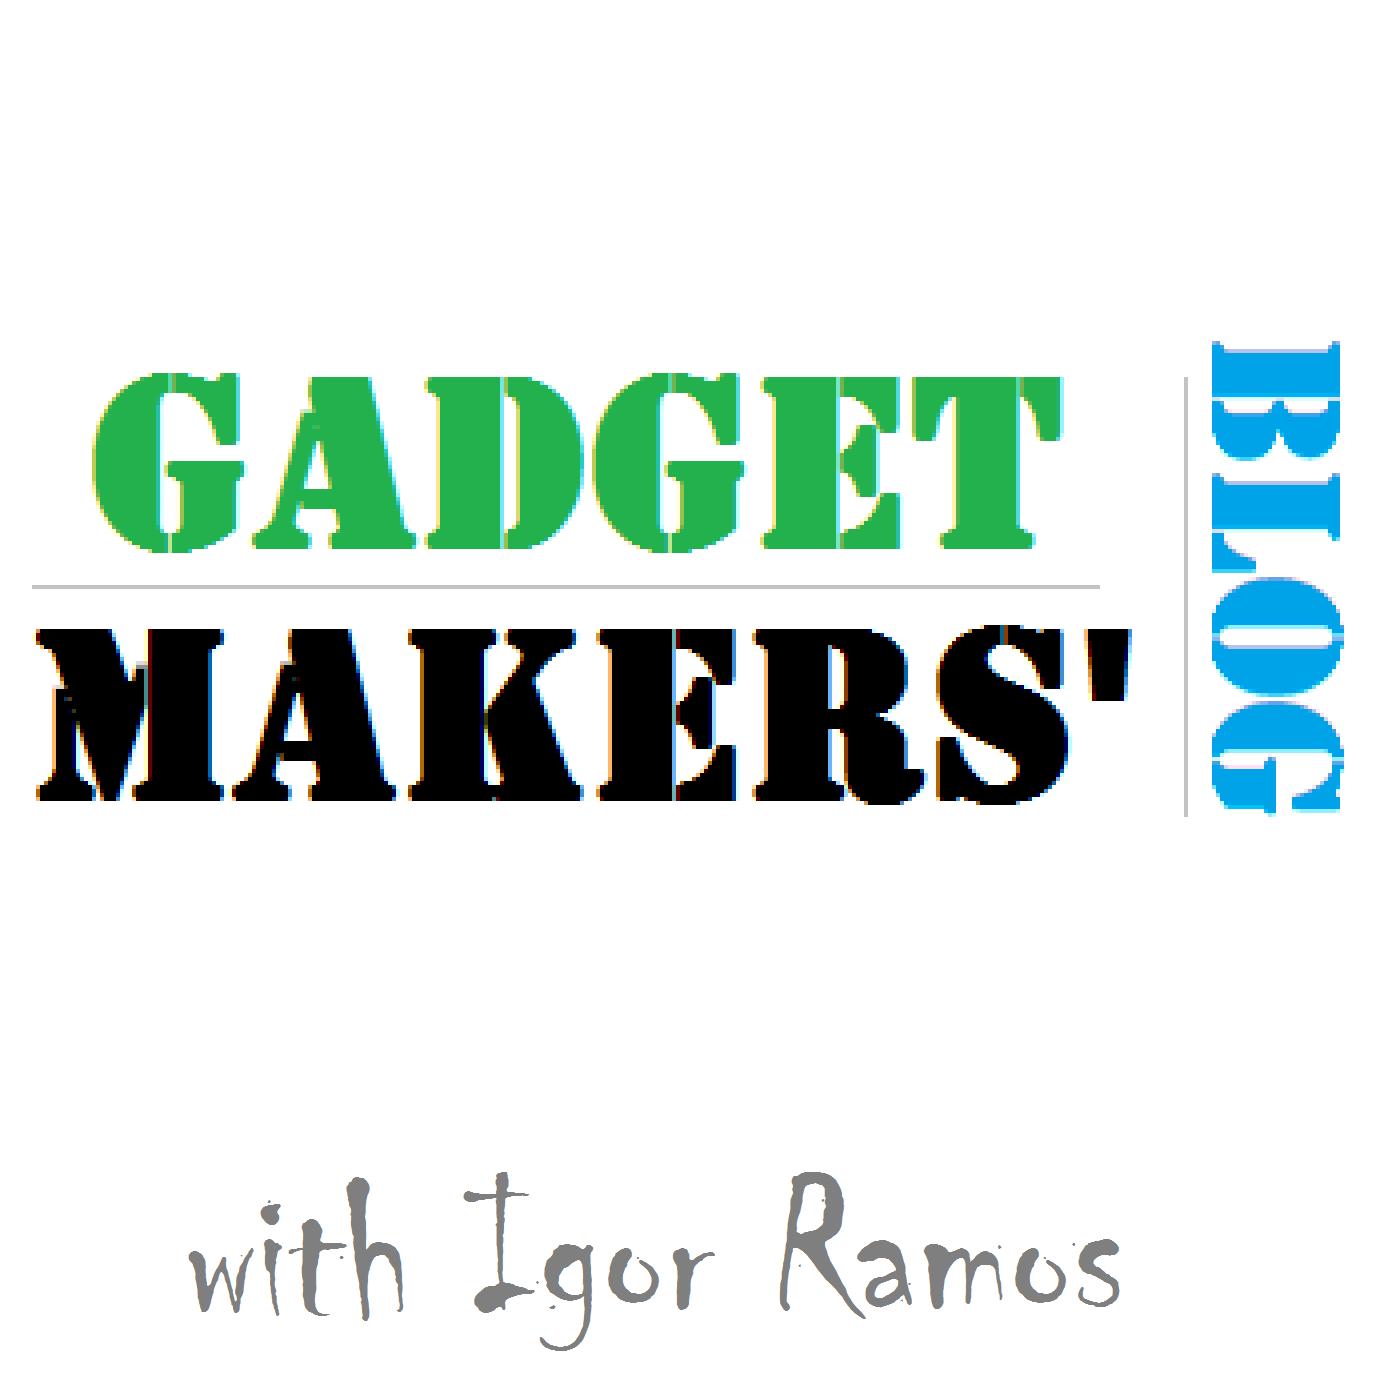 Gadget Makers' Blog | DIY Electronics | Arduino | Kickstarter | Tech | 3D Printing